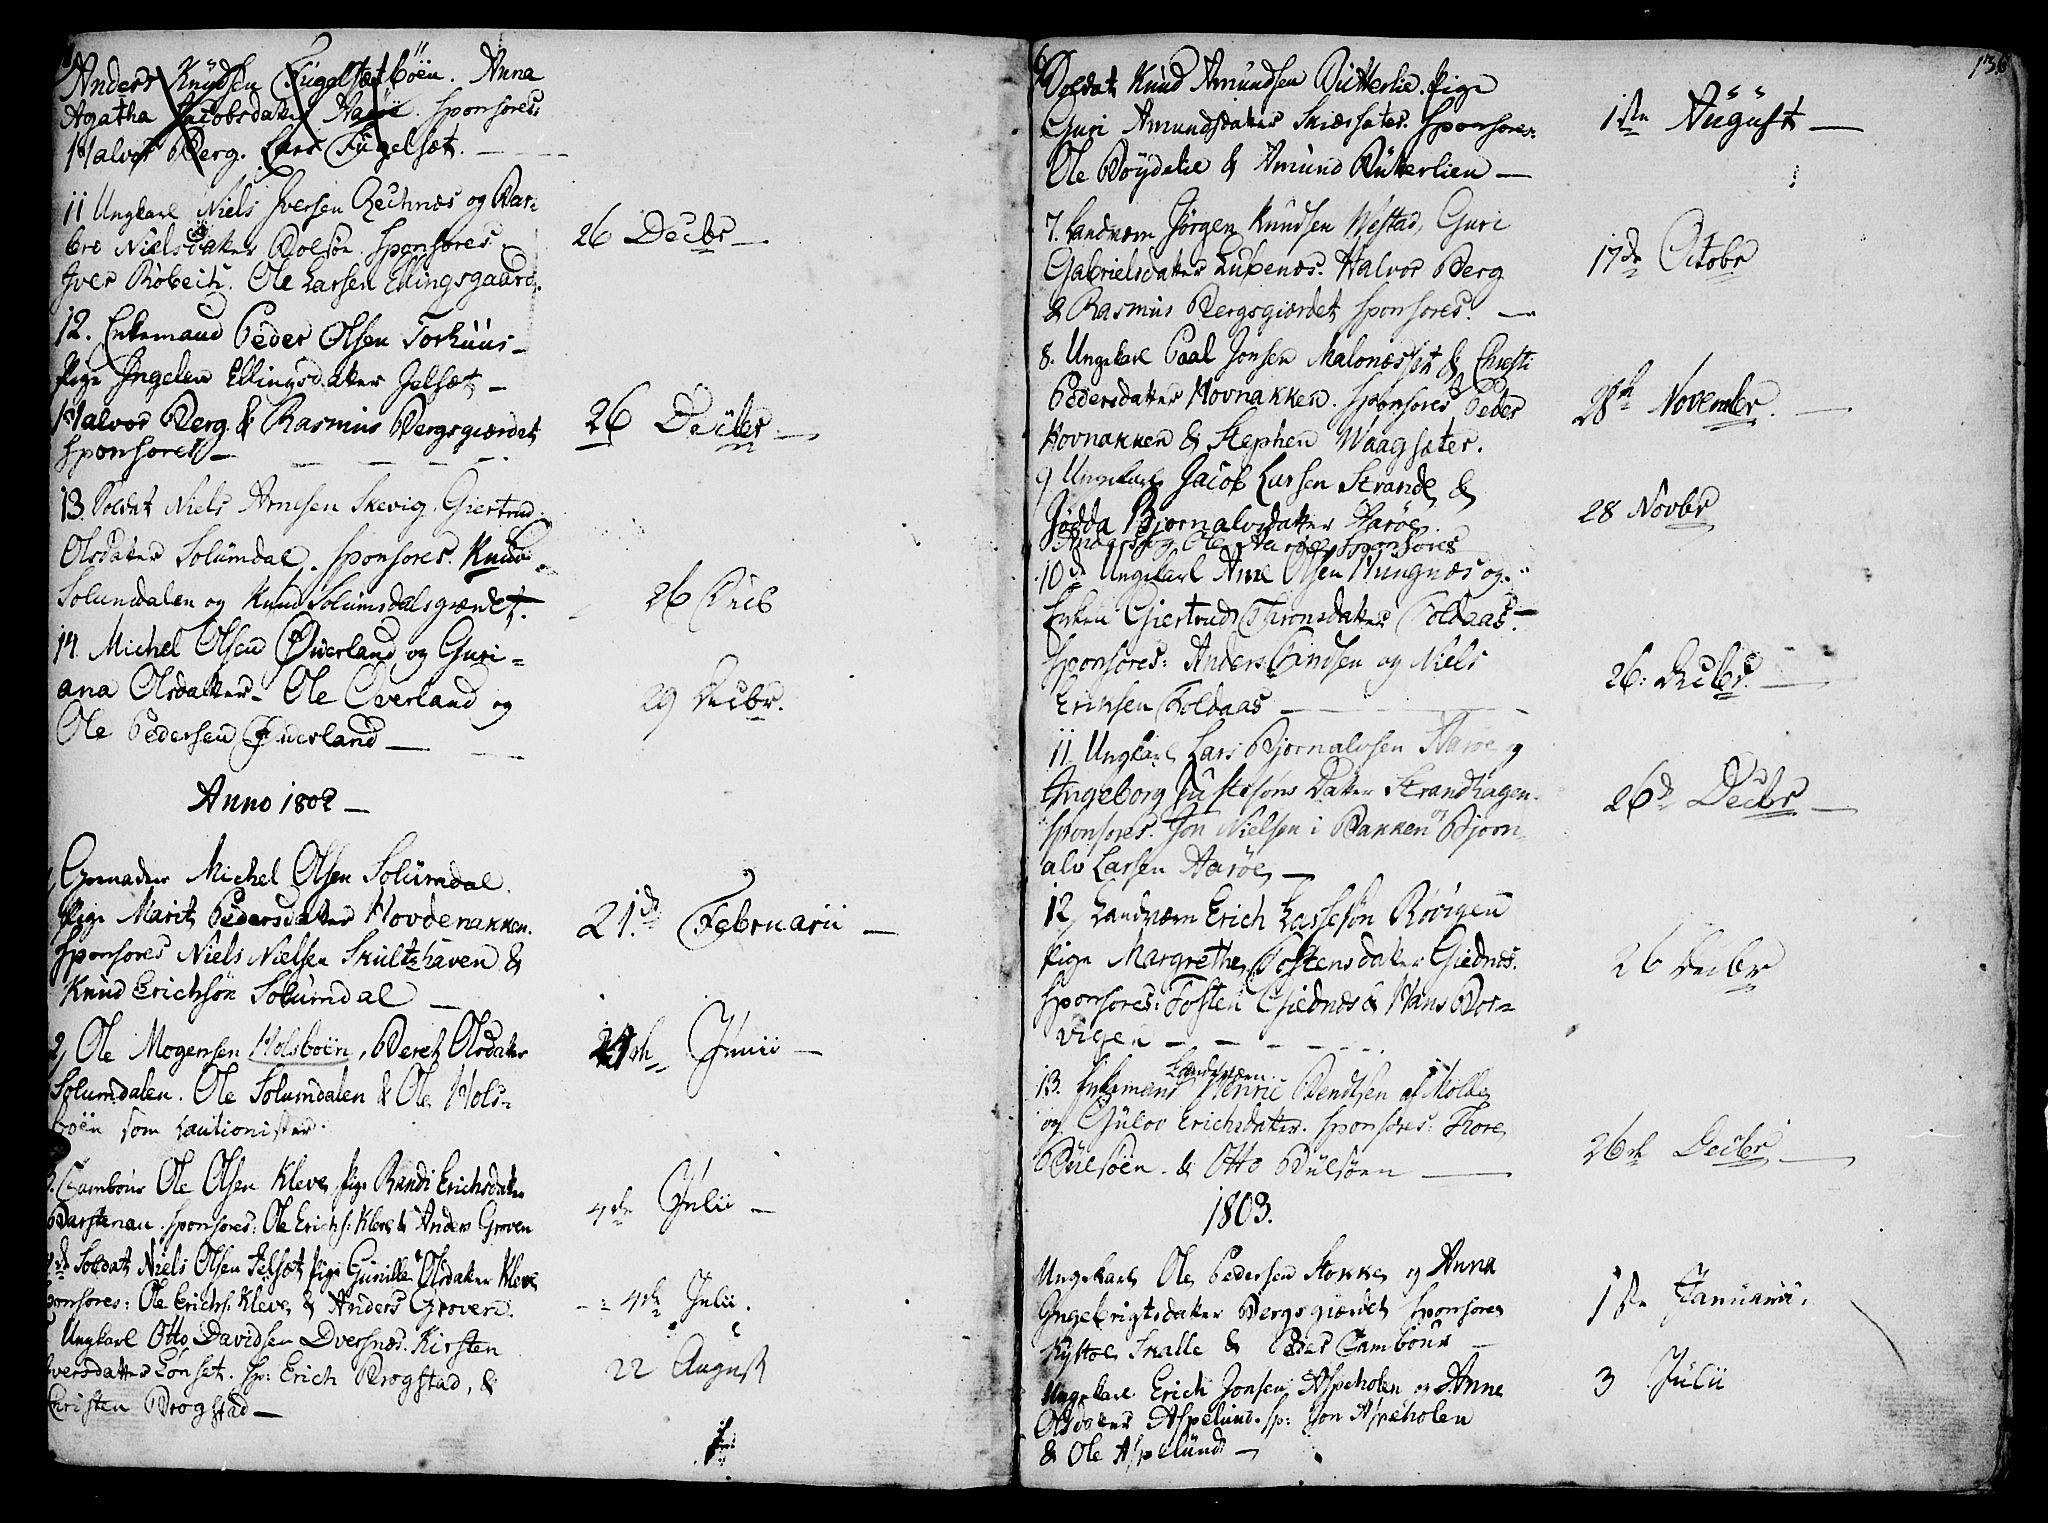 SAT, Ministerialprotokoller, klokkerbøker og fødselsregistre - Møre og Romsdal, 555/L0650: Ministerialbok nr. 555A02 /2, 1798-1821, s. 136